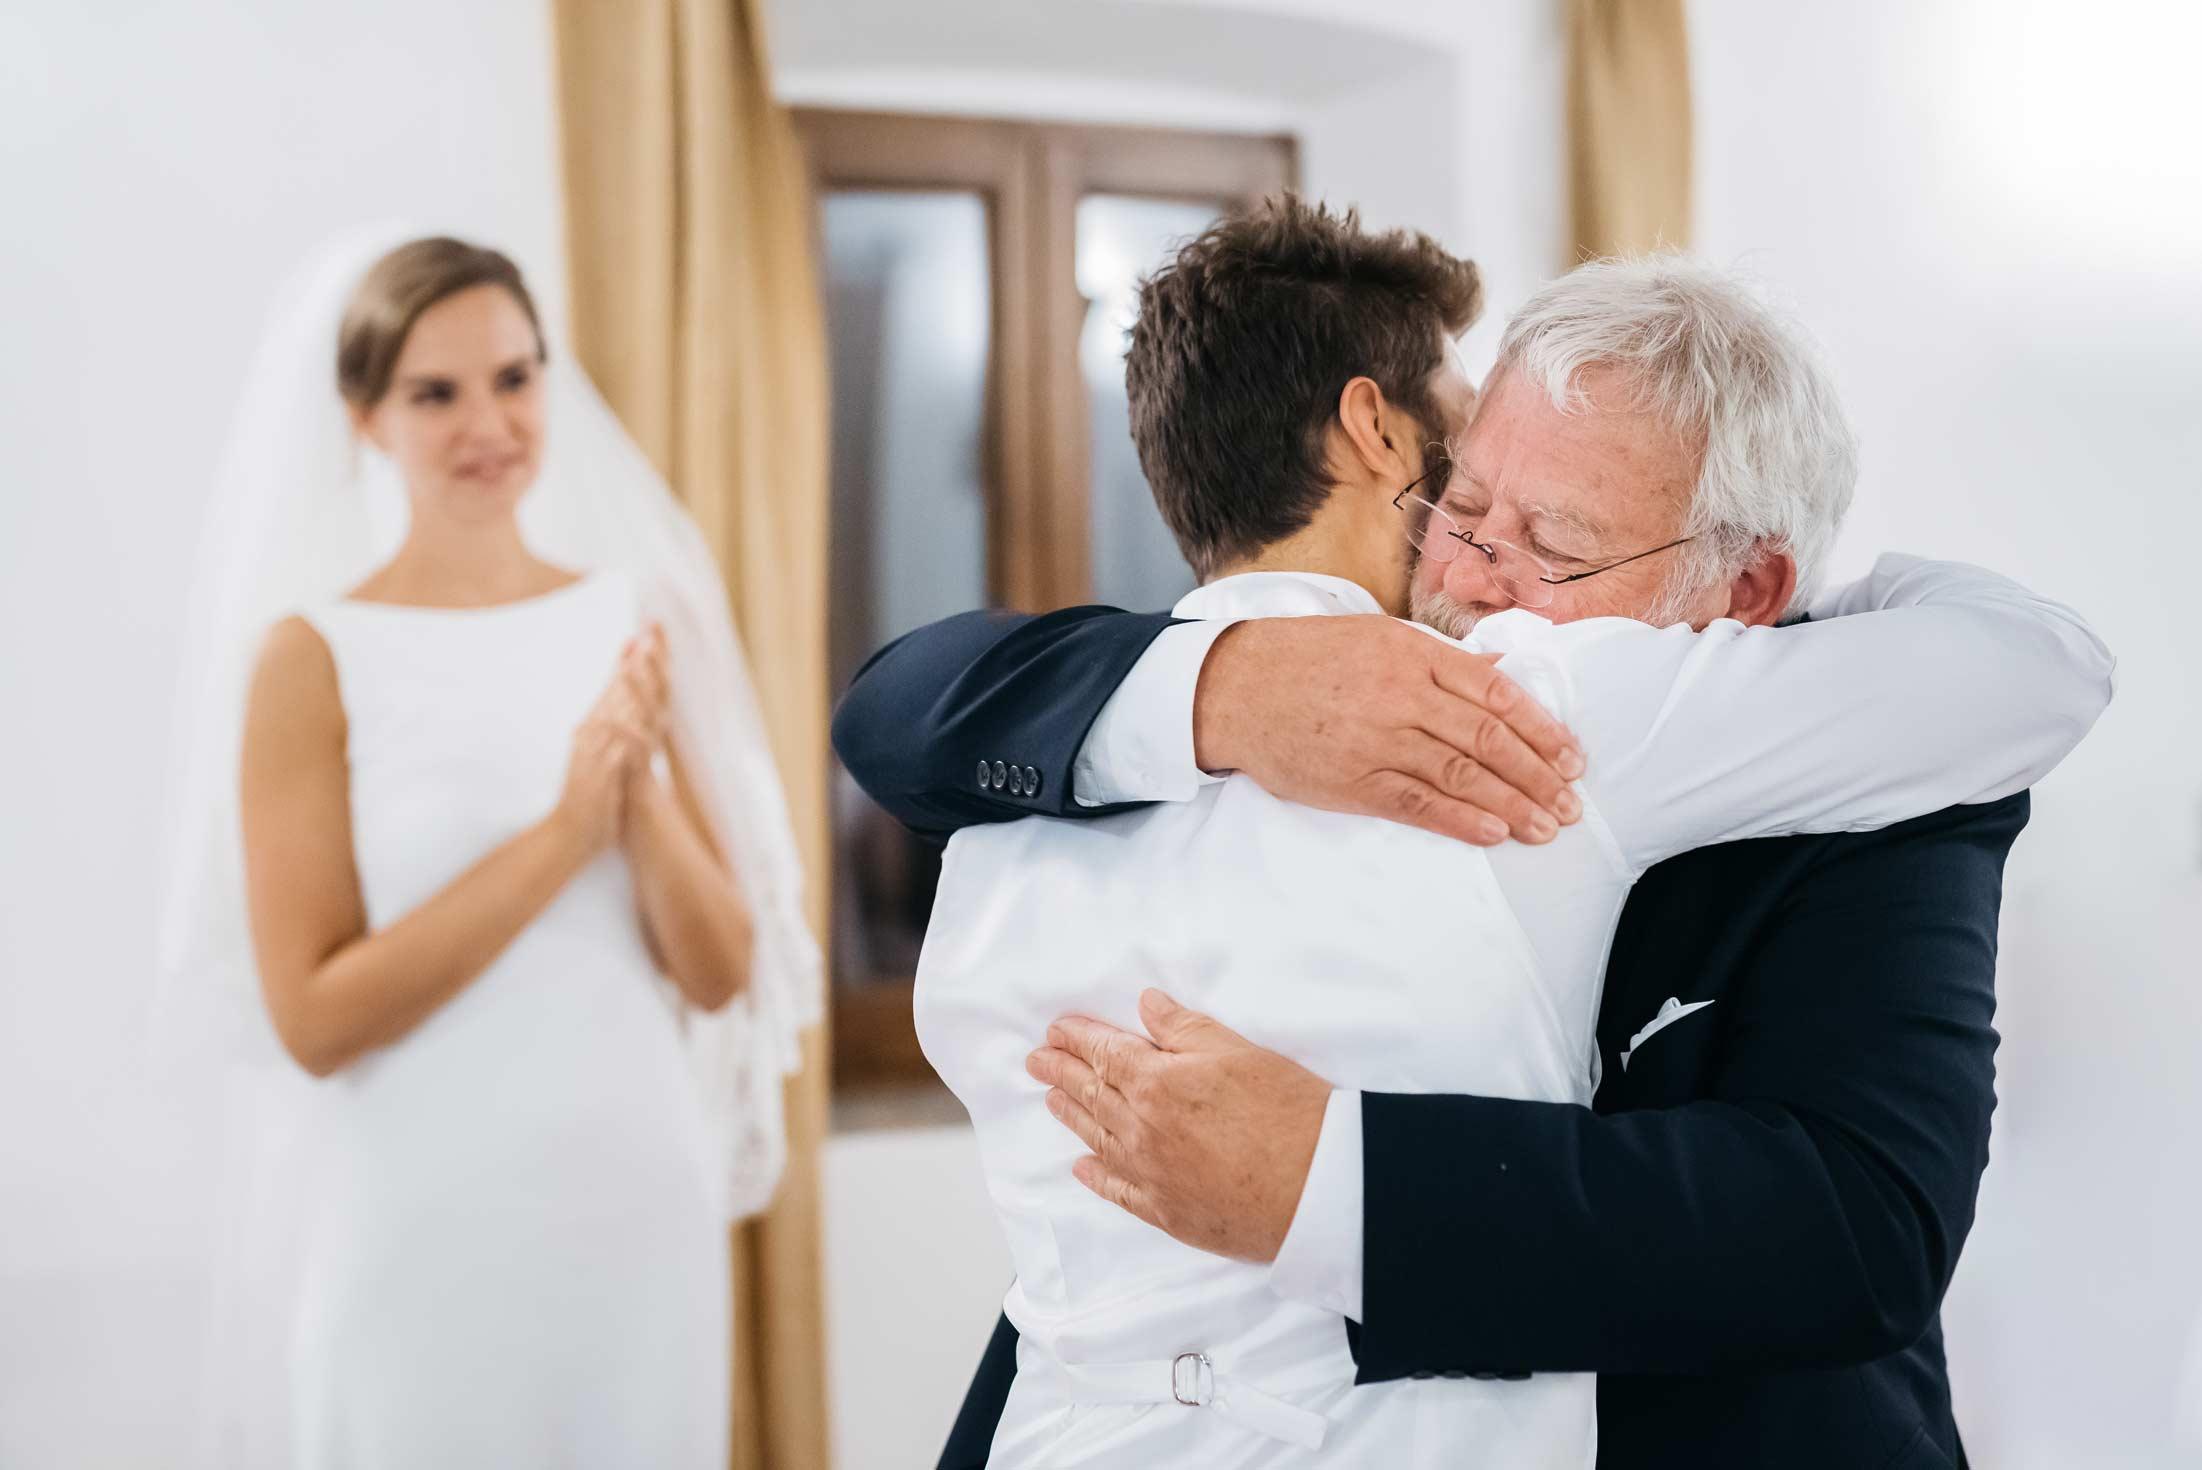 Fotografo-Di-Matrimonio-Roma-Stile-Reportage-Ricevimento